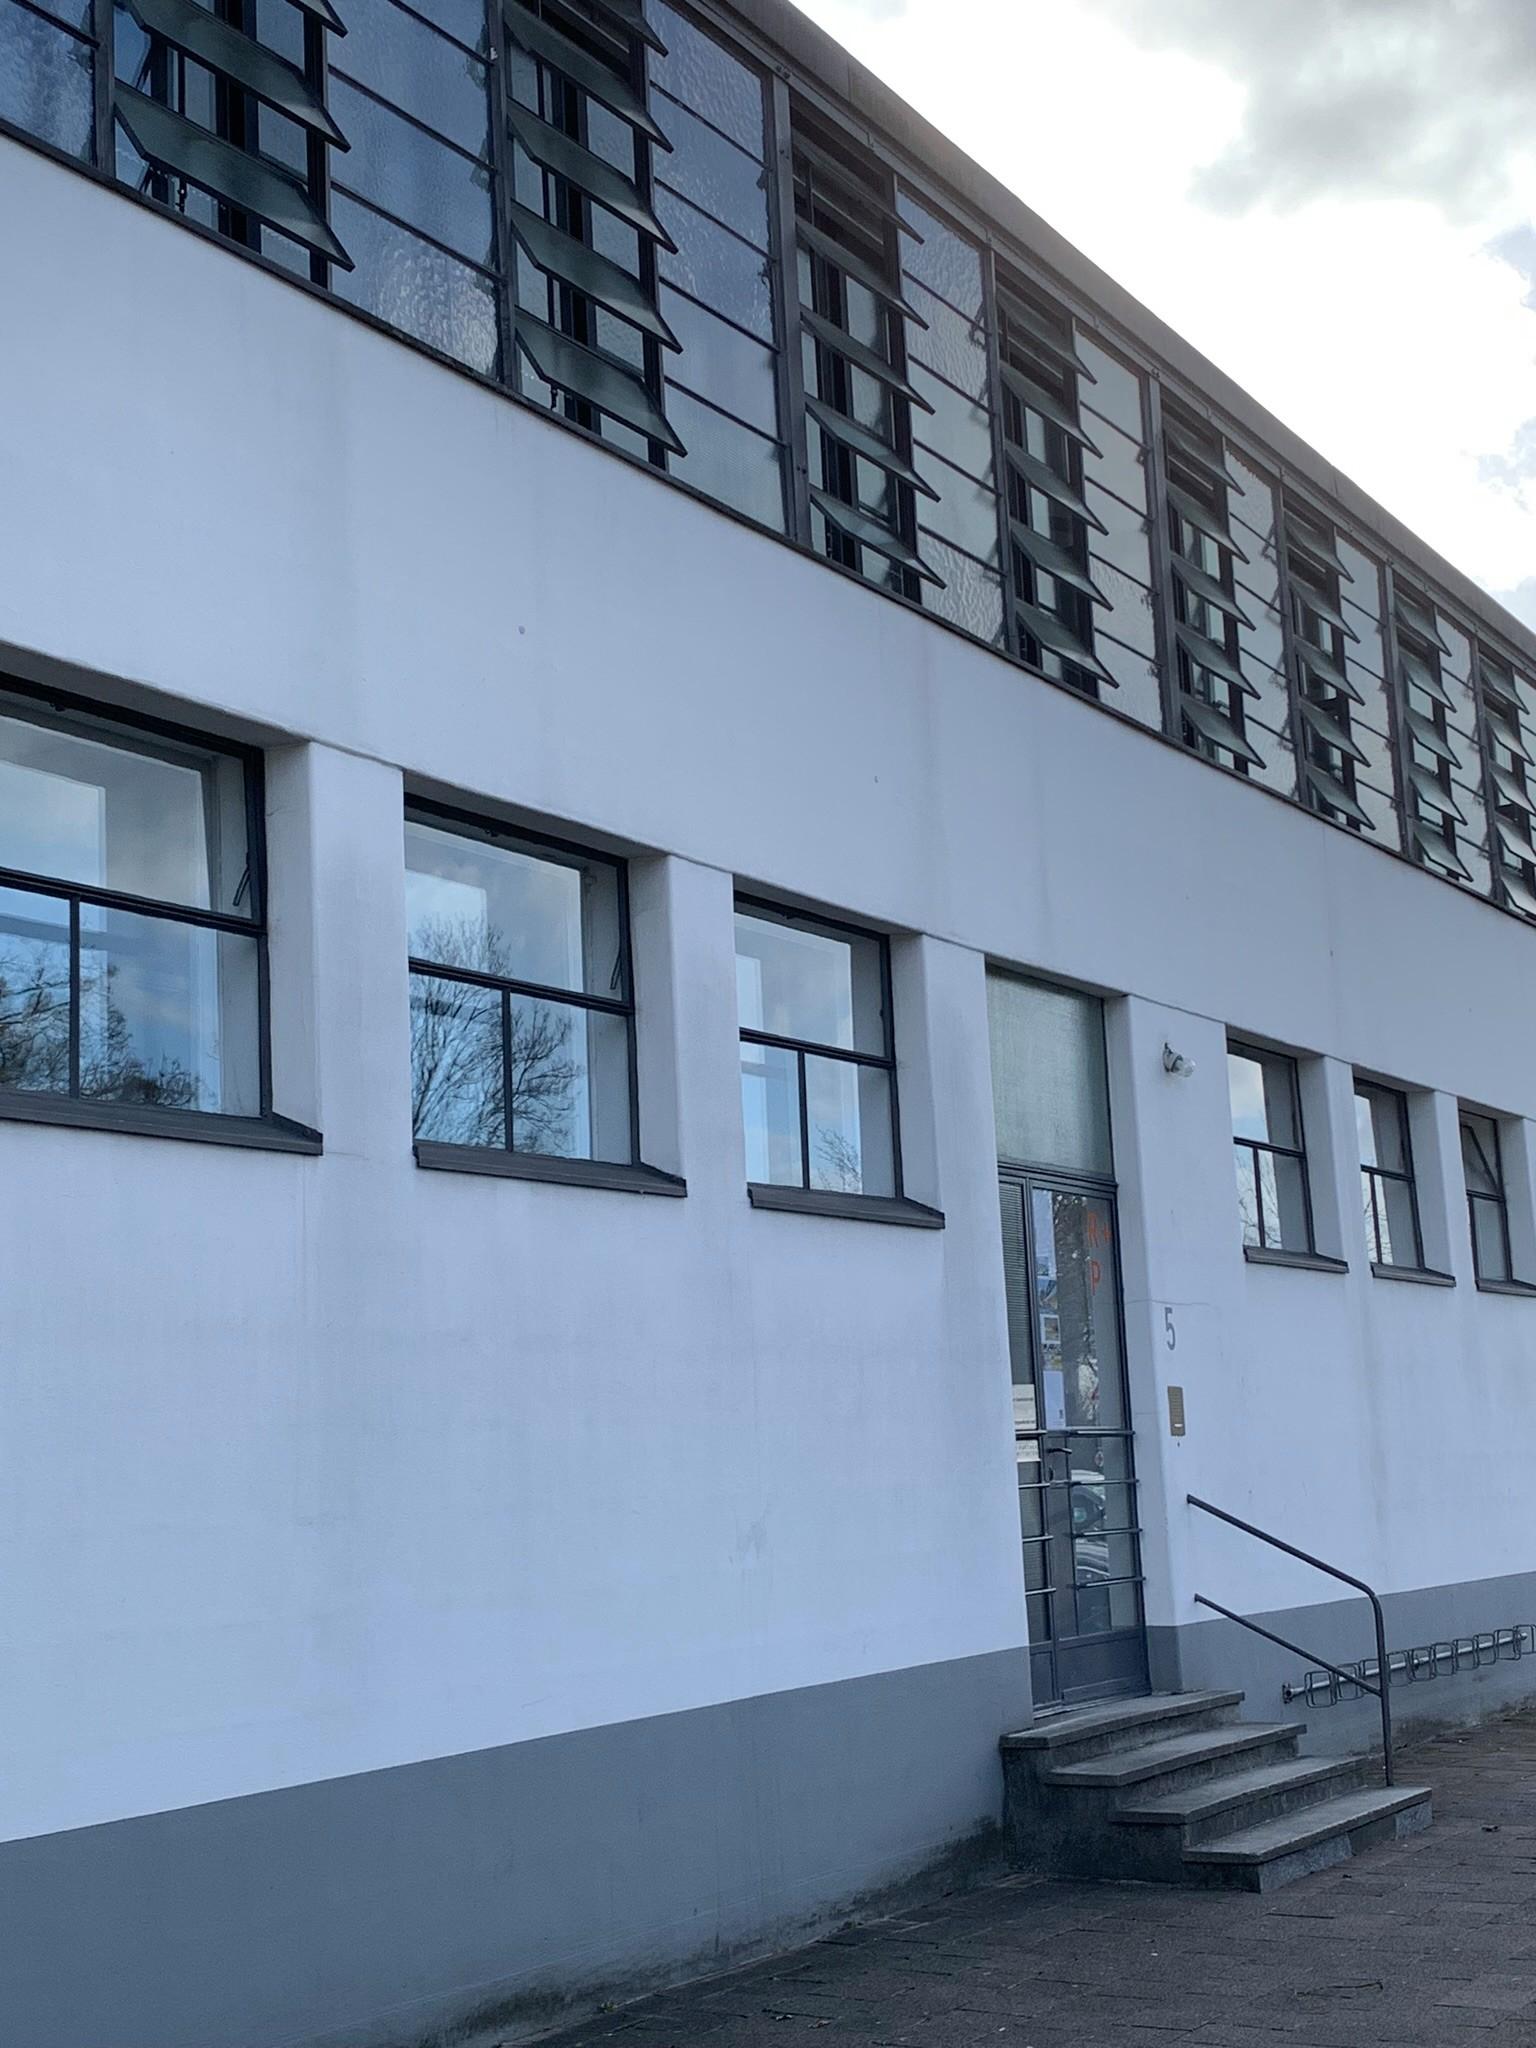 Heizungs- und Wäschereigebäude, Siedlung Dammerstock Karlsruhe, 1928-1929. Architekt: Otto Haesler